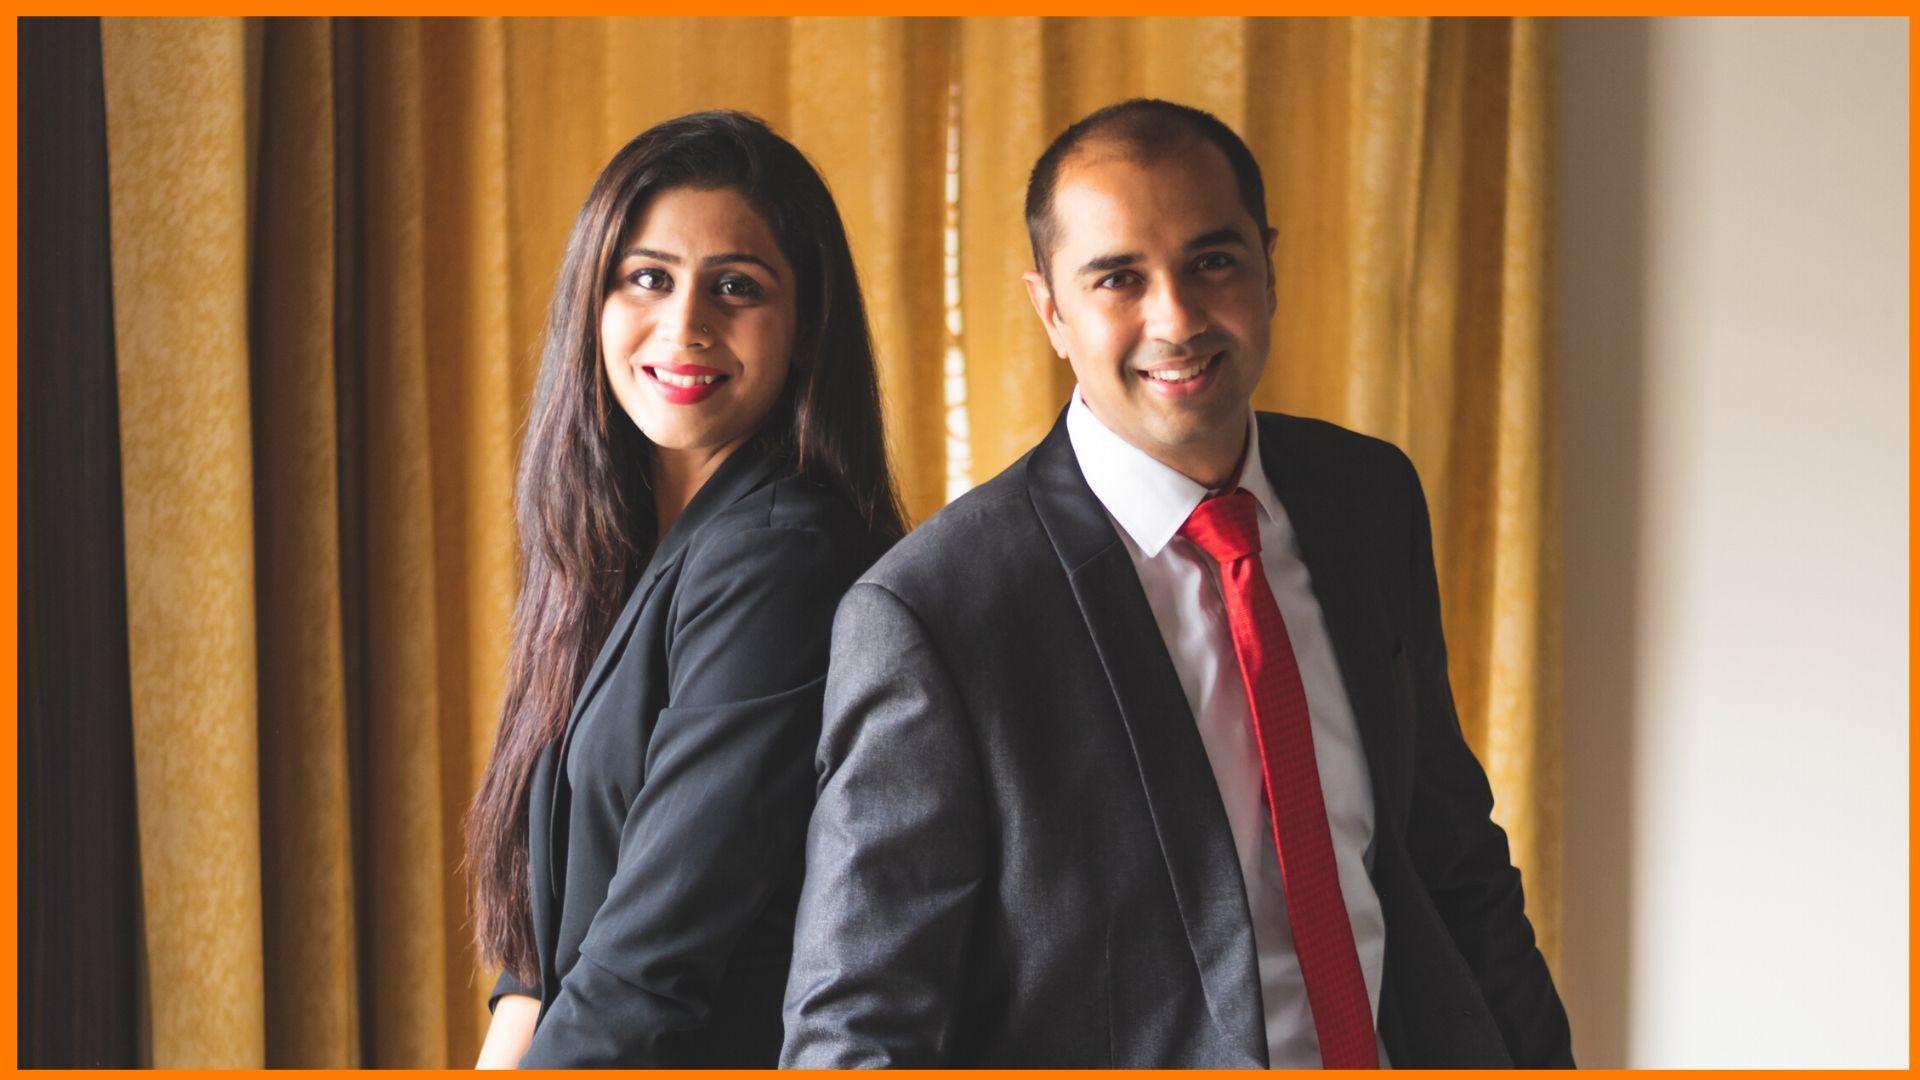 Ghazal Alagh and Varun Alagh